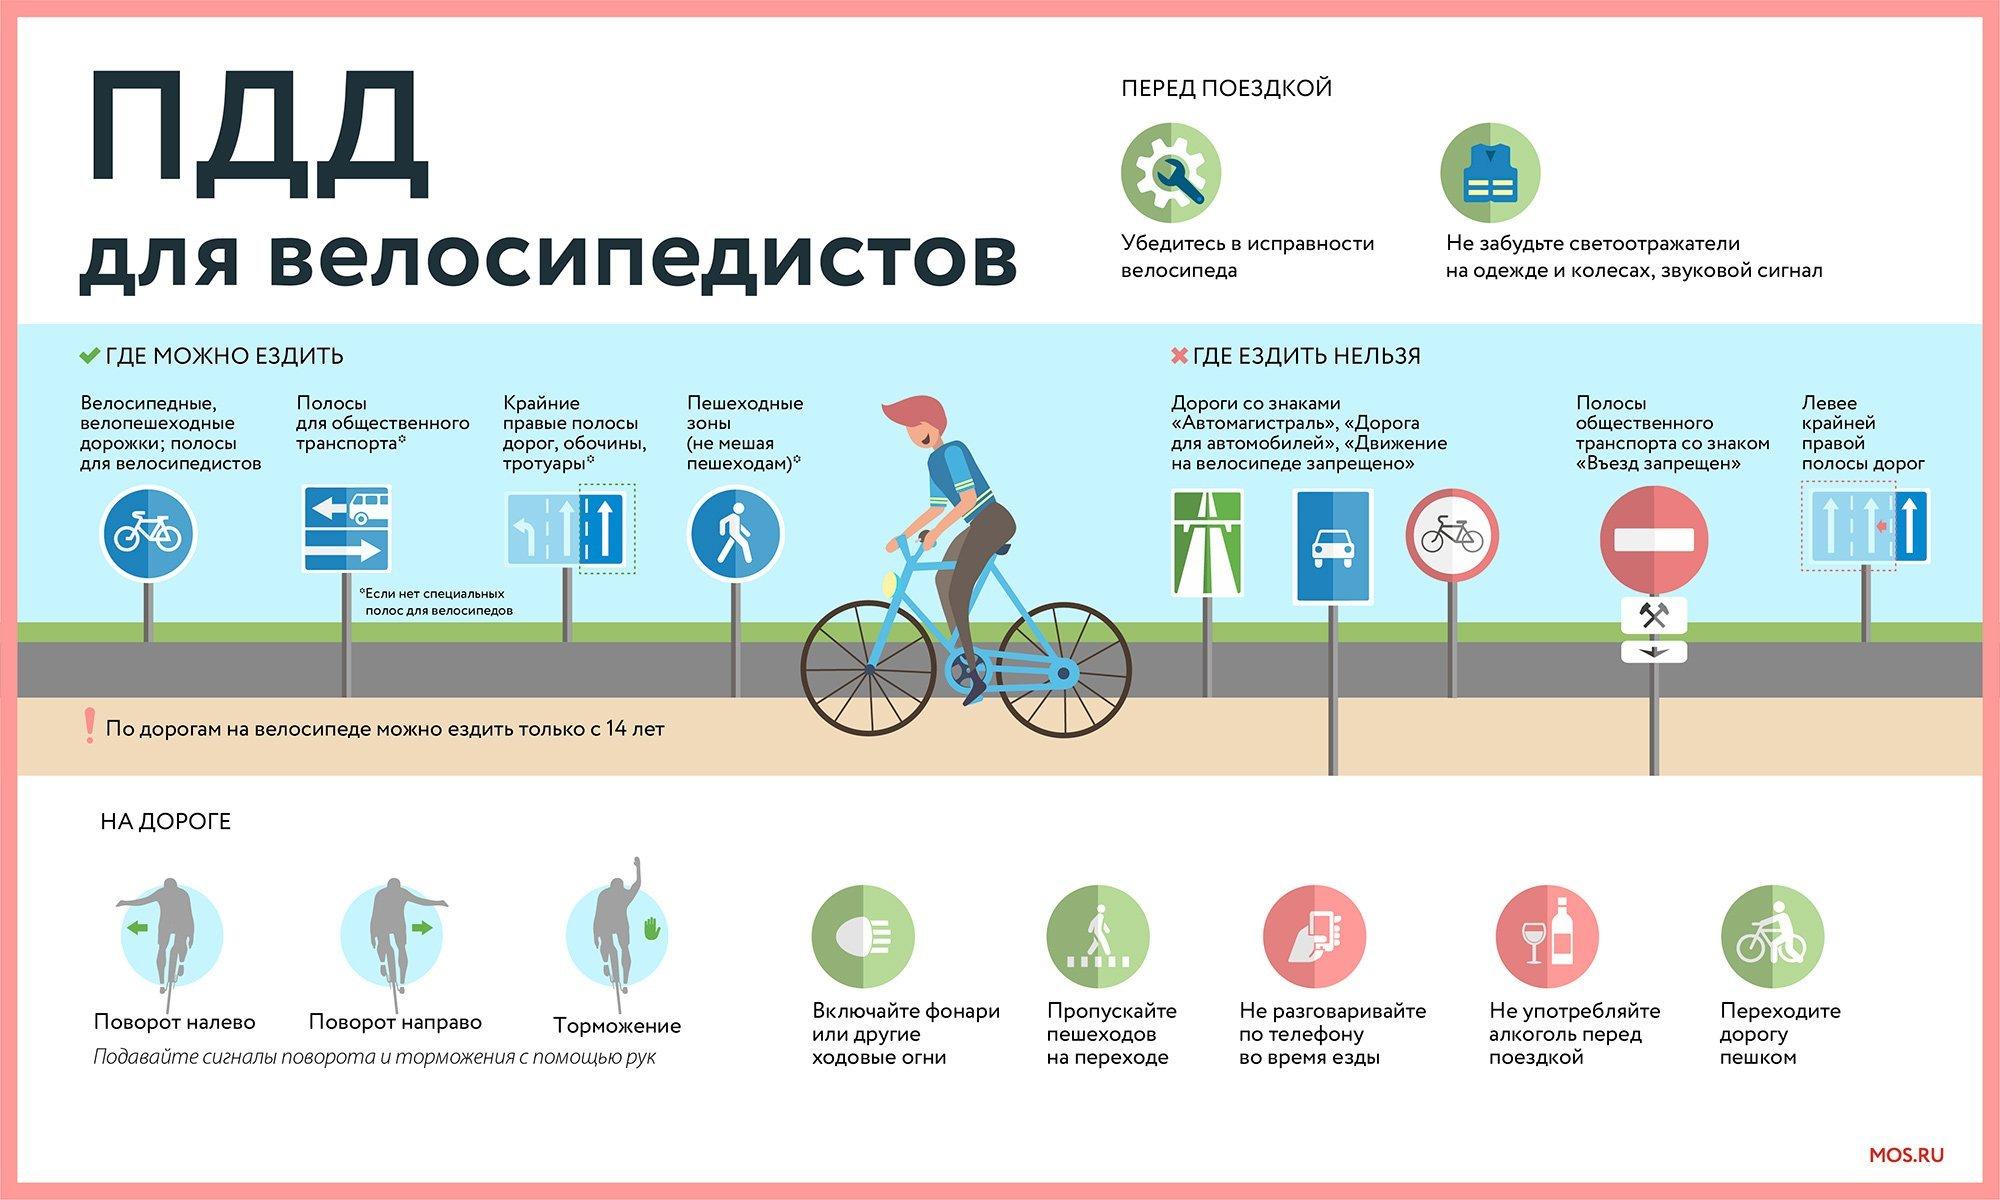 Власти москвы объяснили, как оформить пропуск на велосипед исамокат